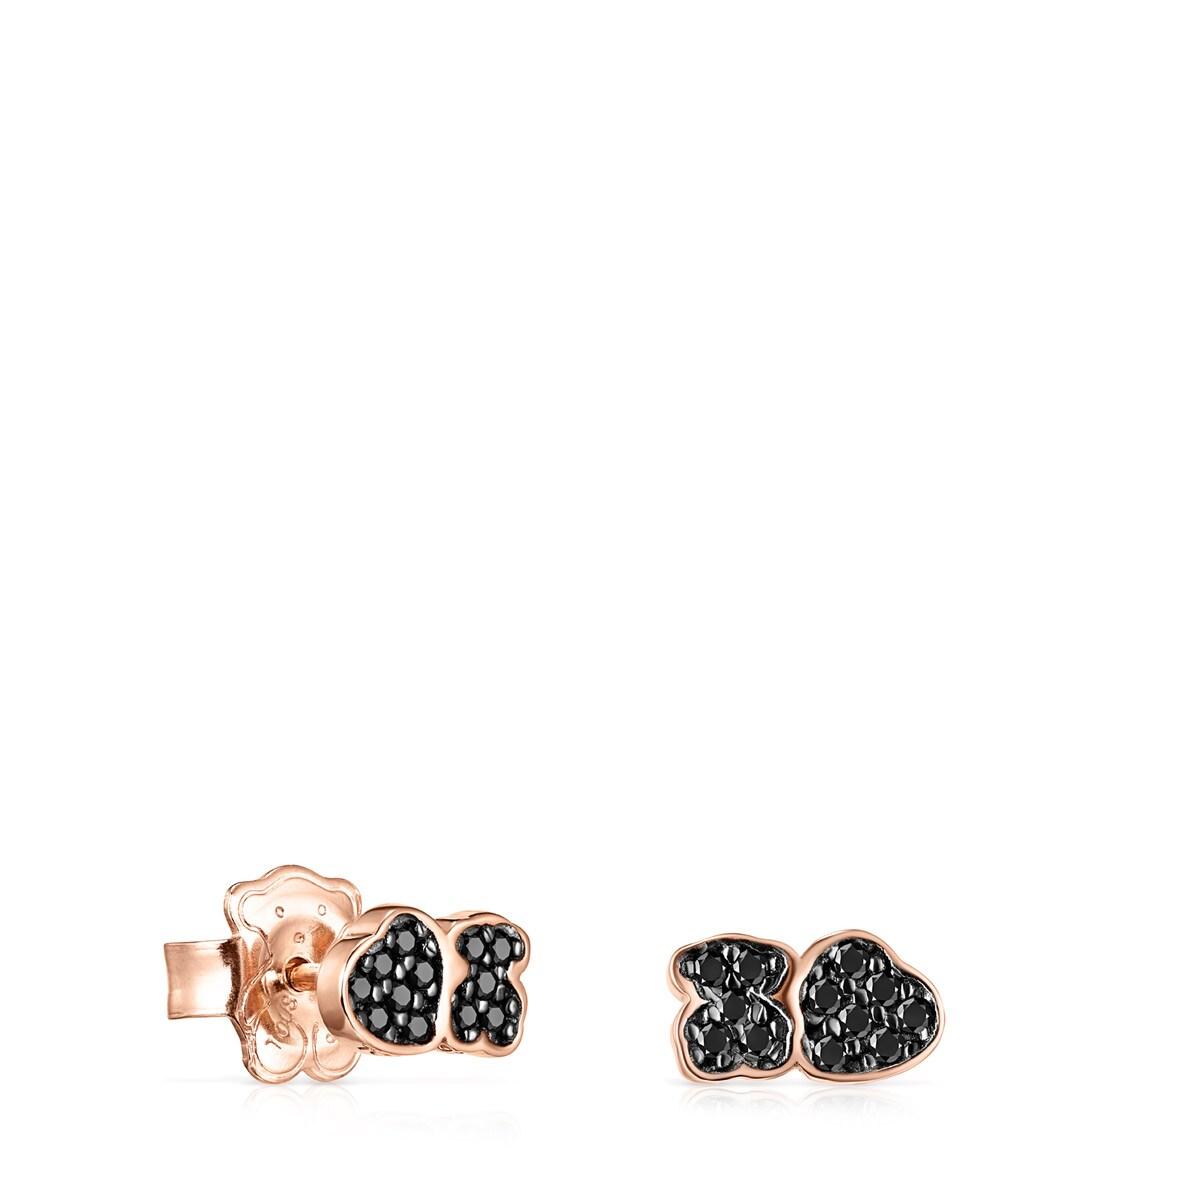 912b0936e5c0 Pendientes Motif de Plata Vermeil rosa con Espinelas - Tous Site US